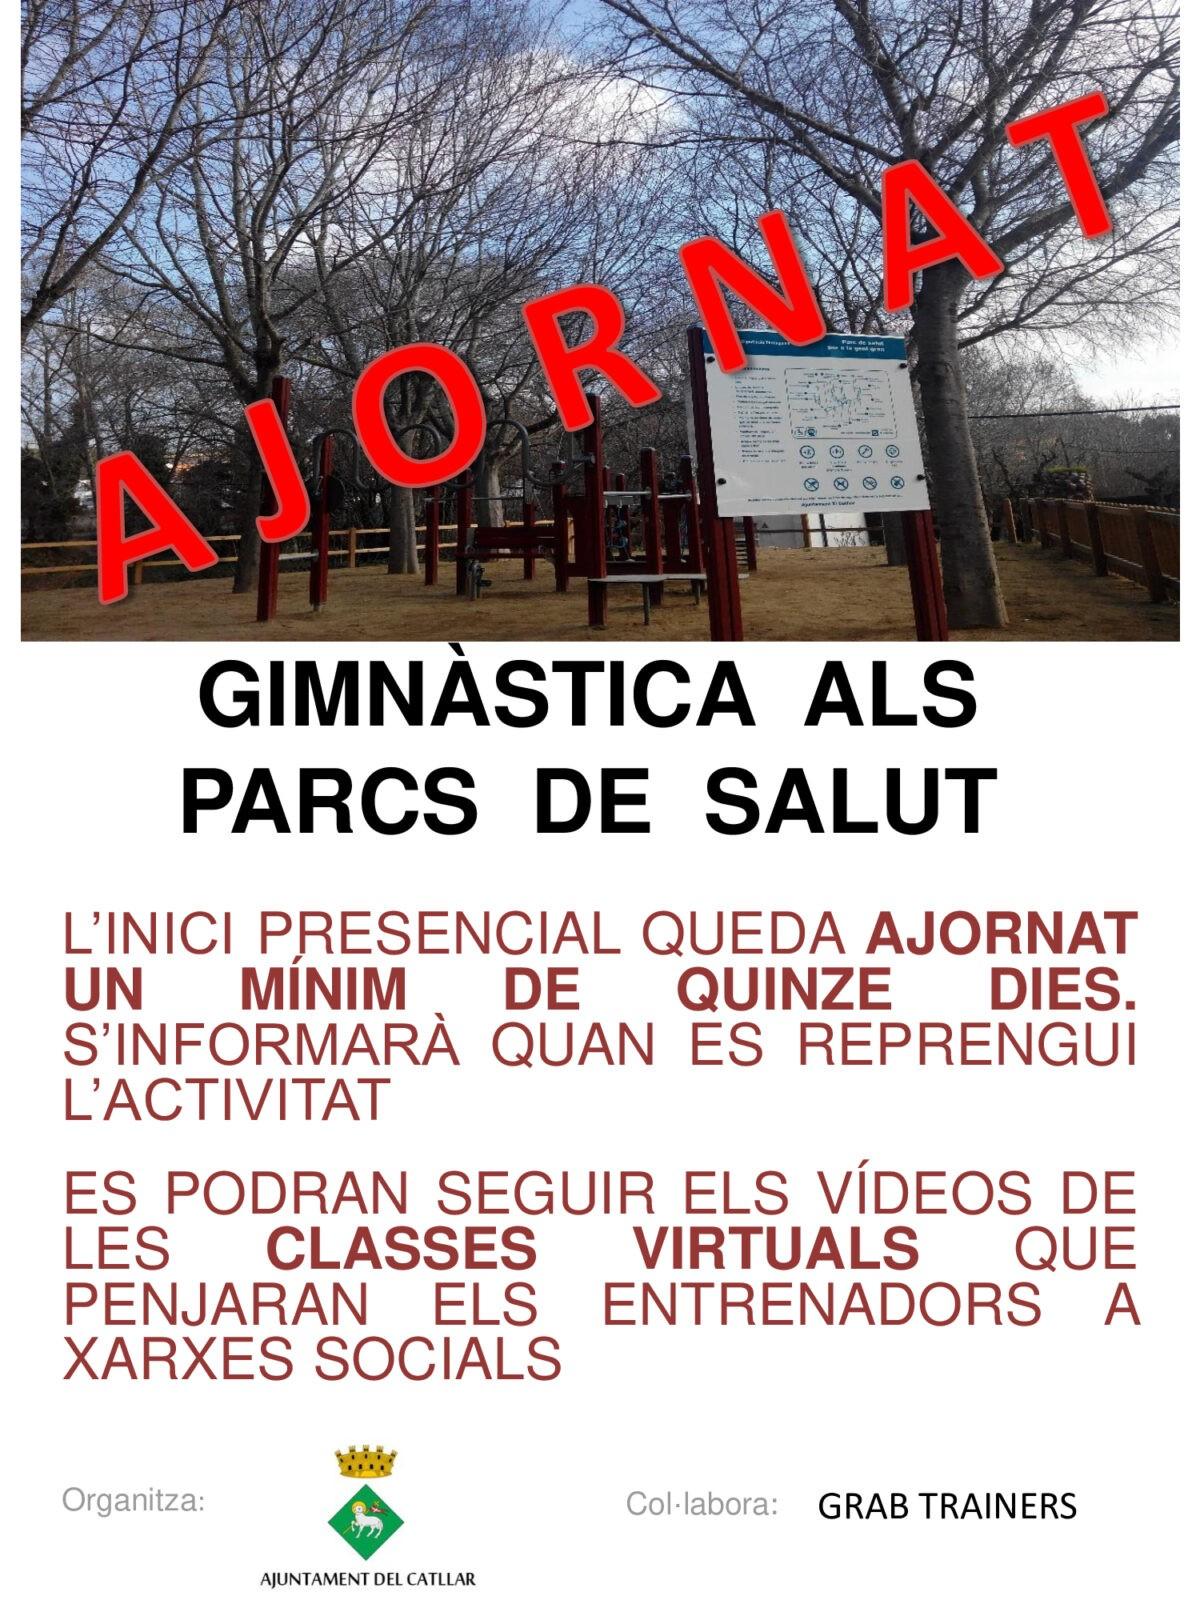 AVÍS AJORNAMENT GIMNÀSTICA ALS PARCS DE SALUT